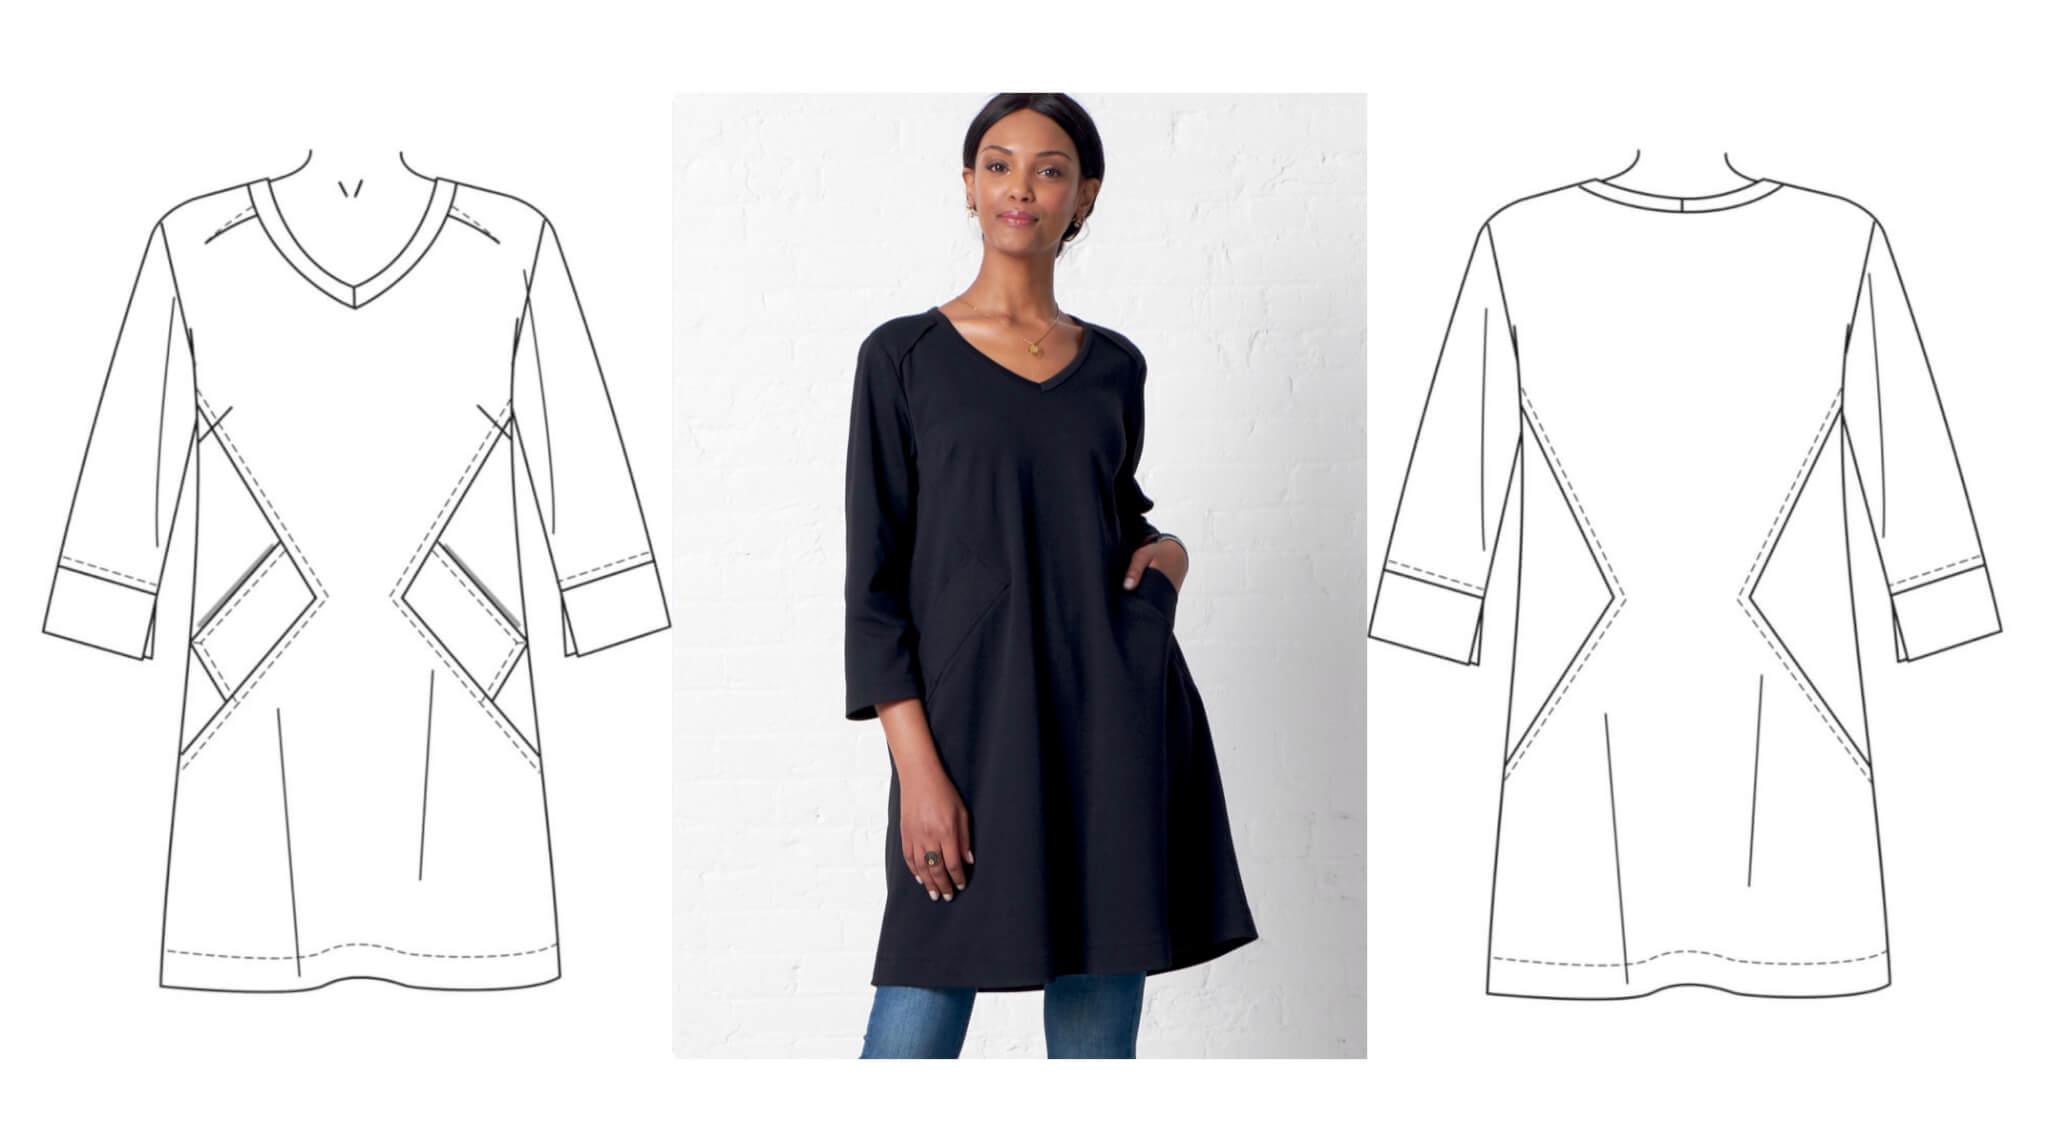 NEW! Stitch it! Sisters Dress Pattern Fitting Tutorial - the Nancy Zieman Way